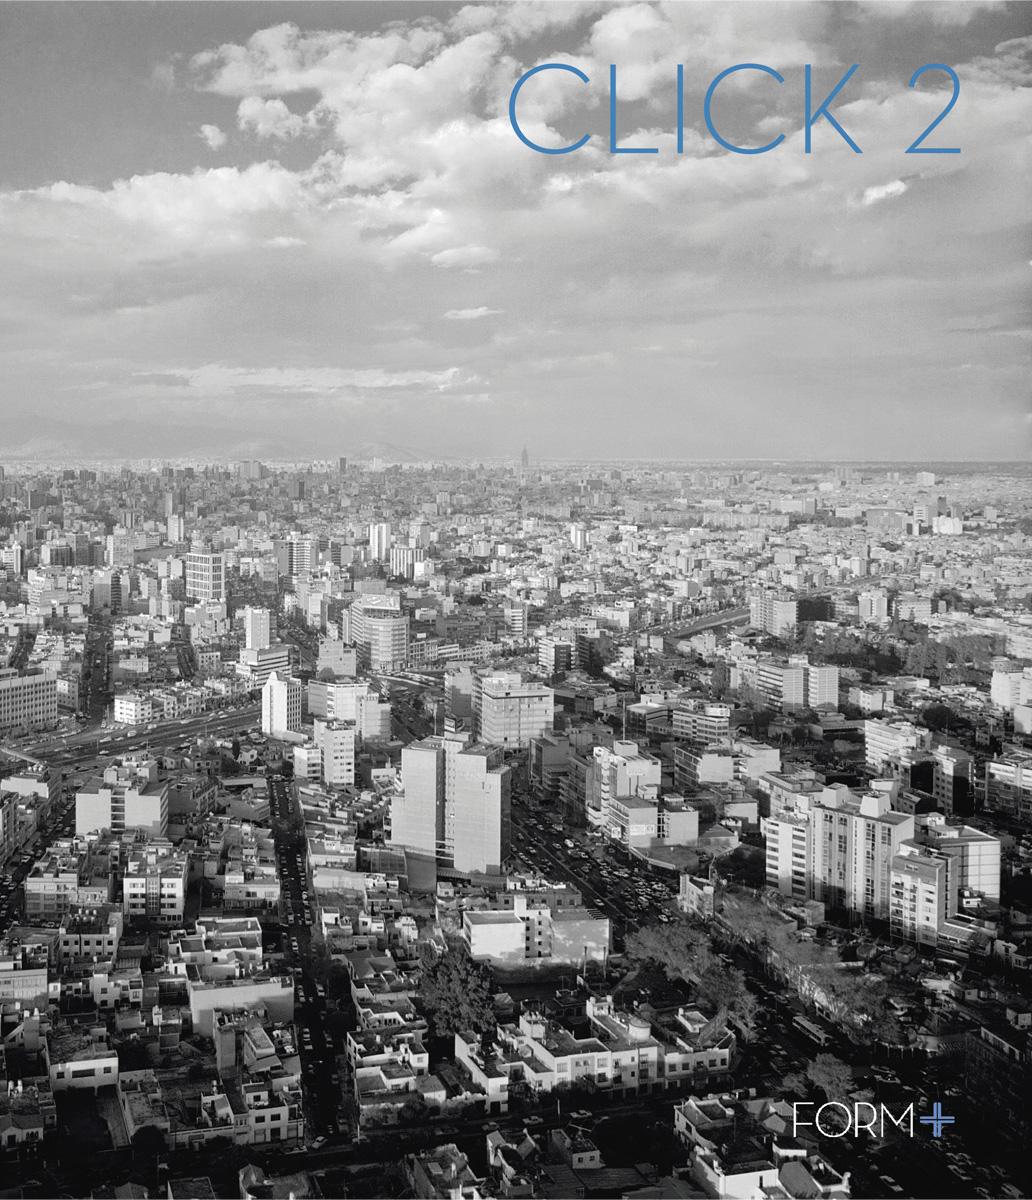 00 libro_click 2_octubre.indd